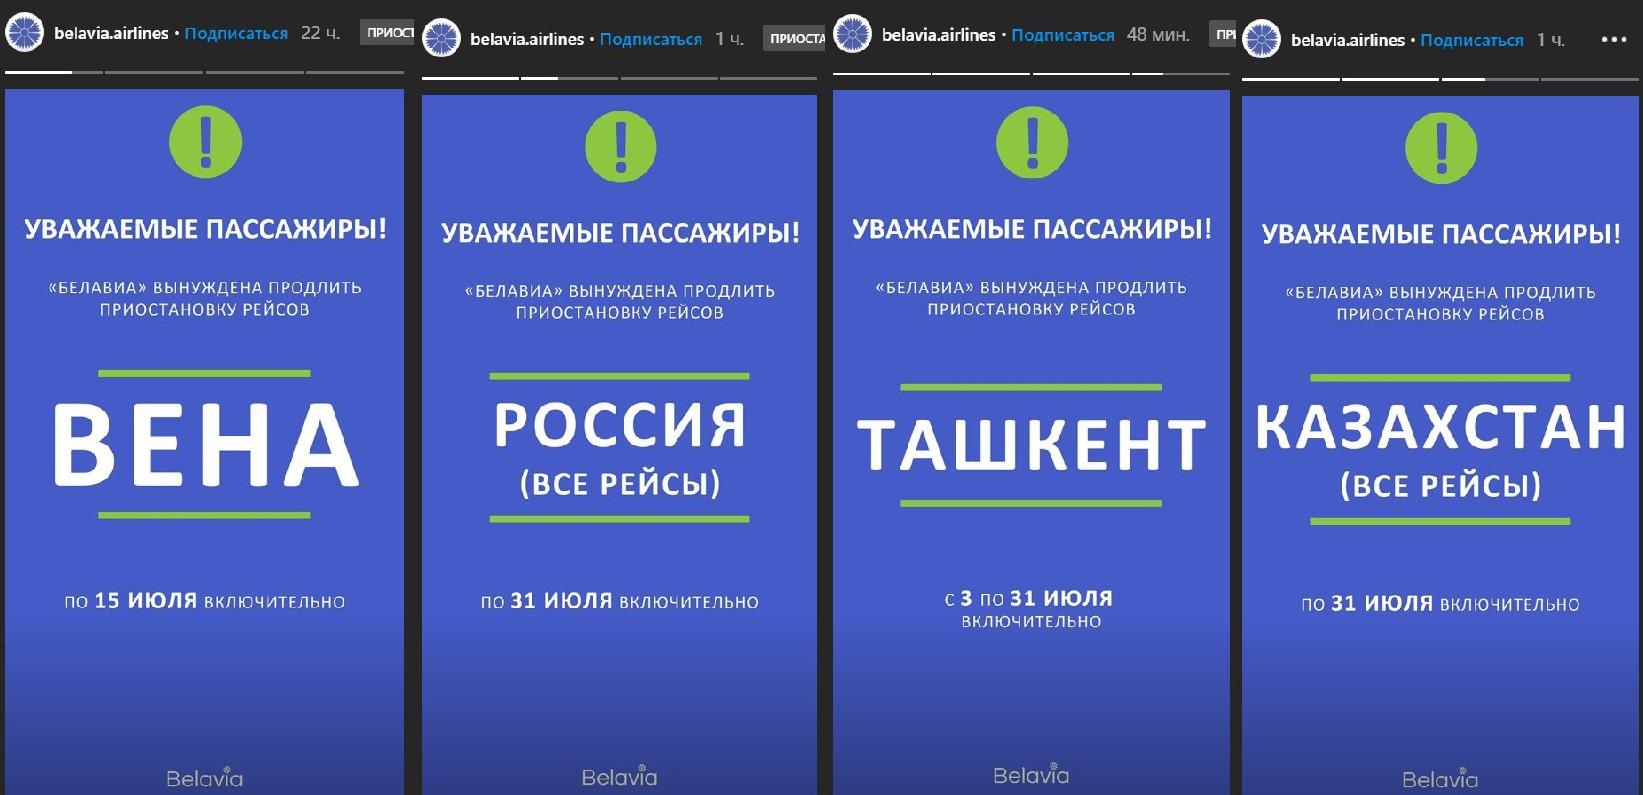 """""""Белавиа"""" продлила приостановку рейсов в Россию до 31 июля"""